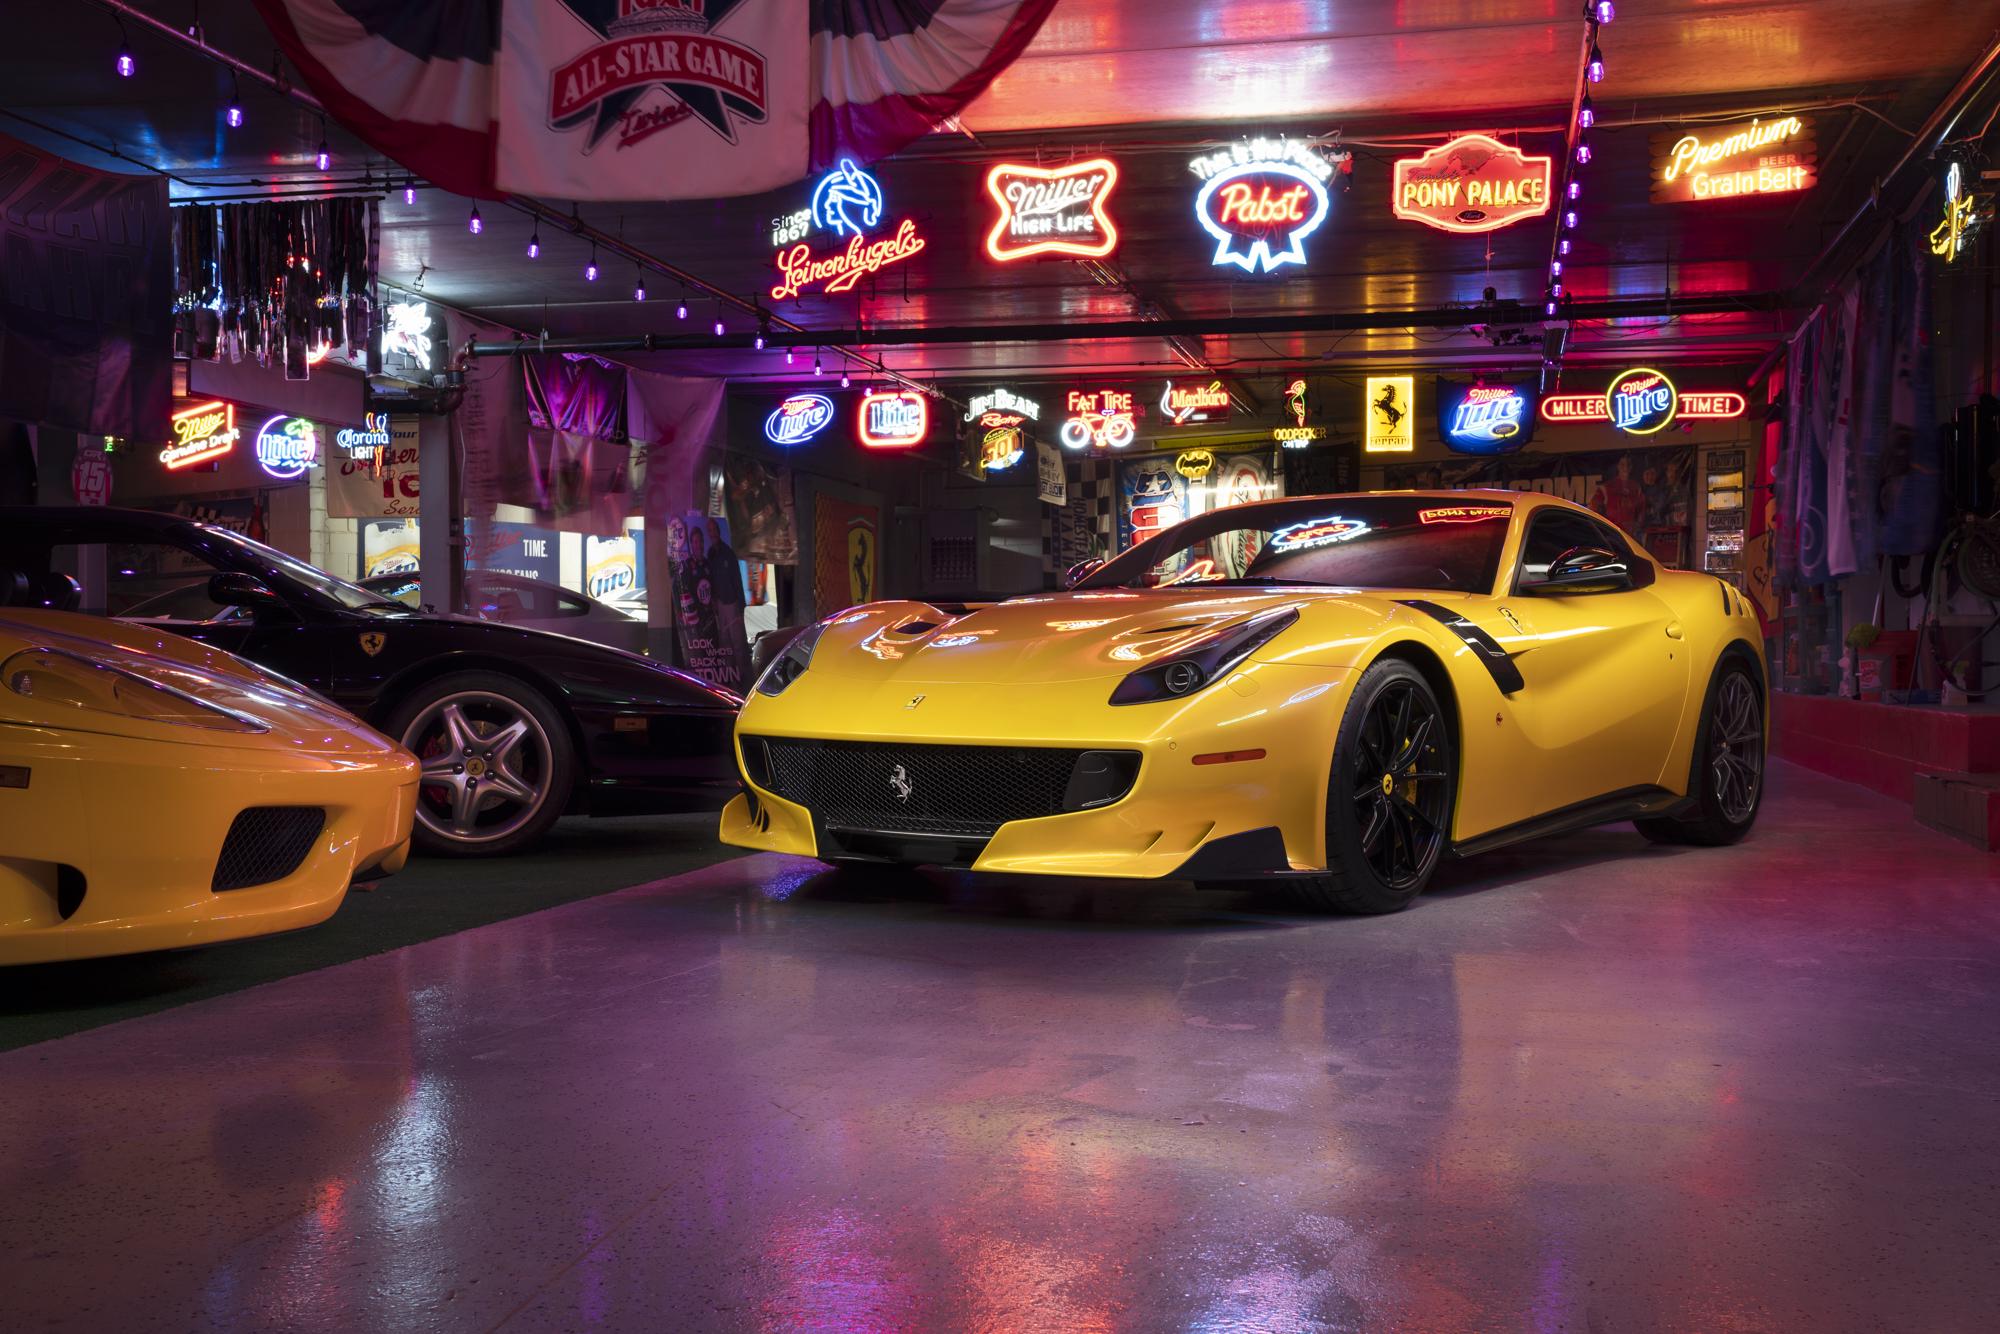 Ferrari F12 TDF giallo triplo strato